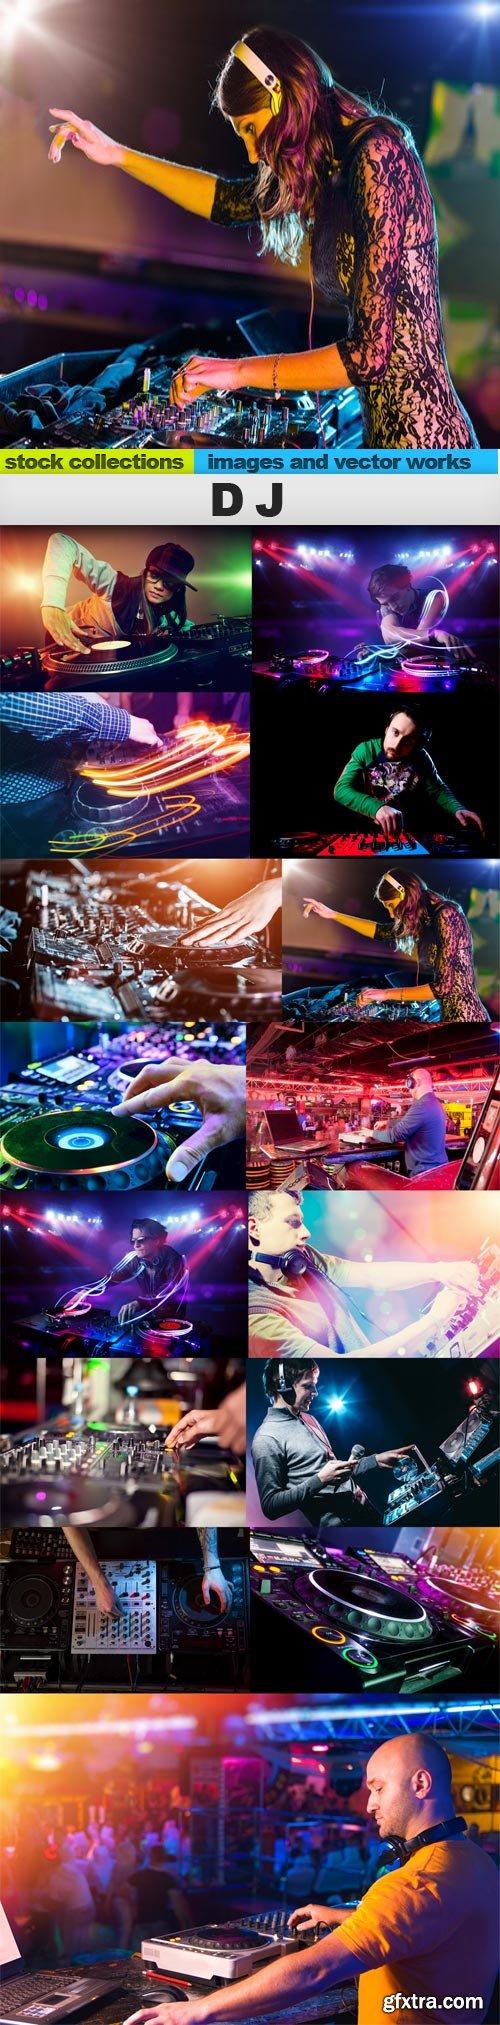 DJ, 15 x UHQ JPEG